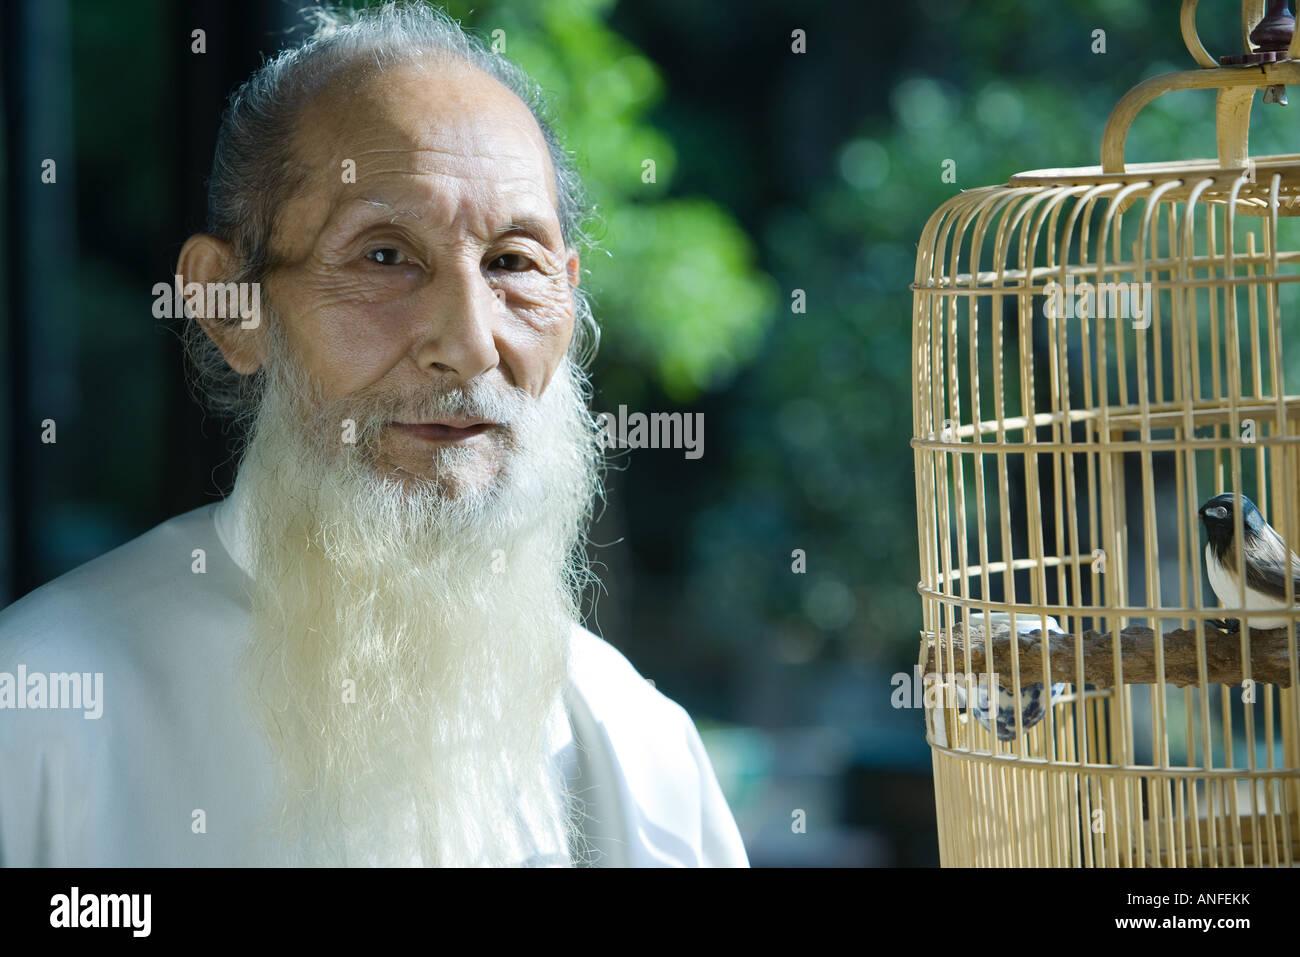 Ältere Menschen tragen traditionelle chinesische Kleidung, mit Vogelkäfig, Porträt Stockbild